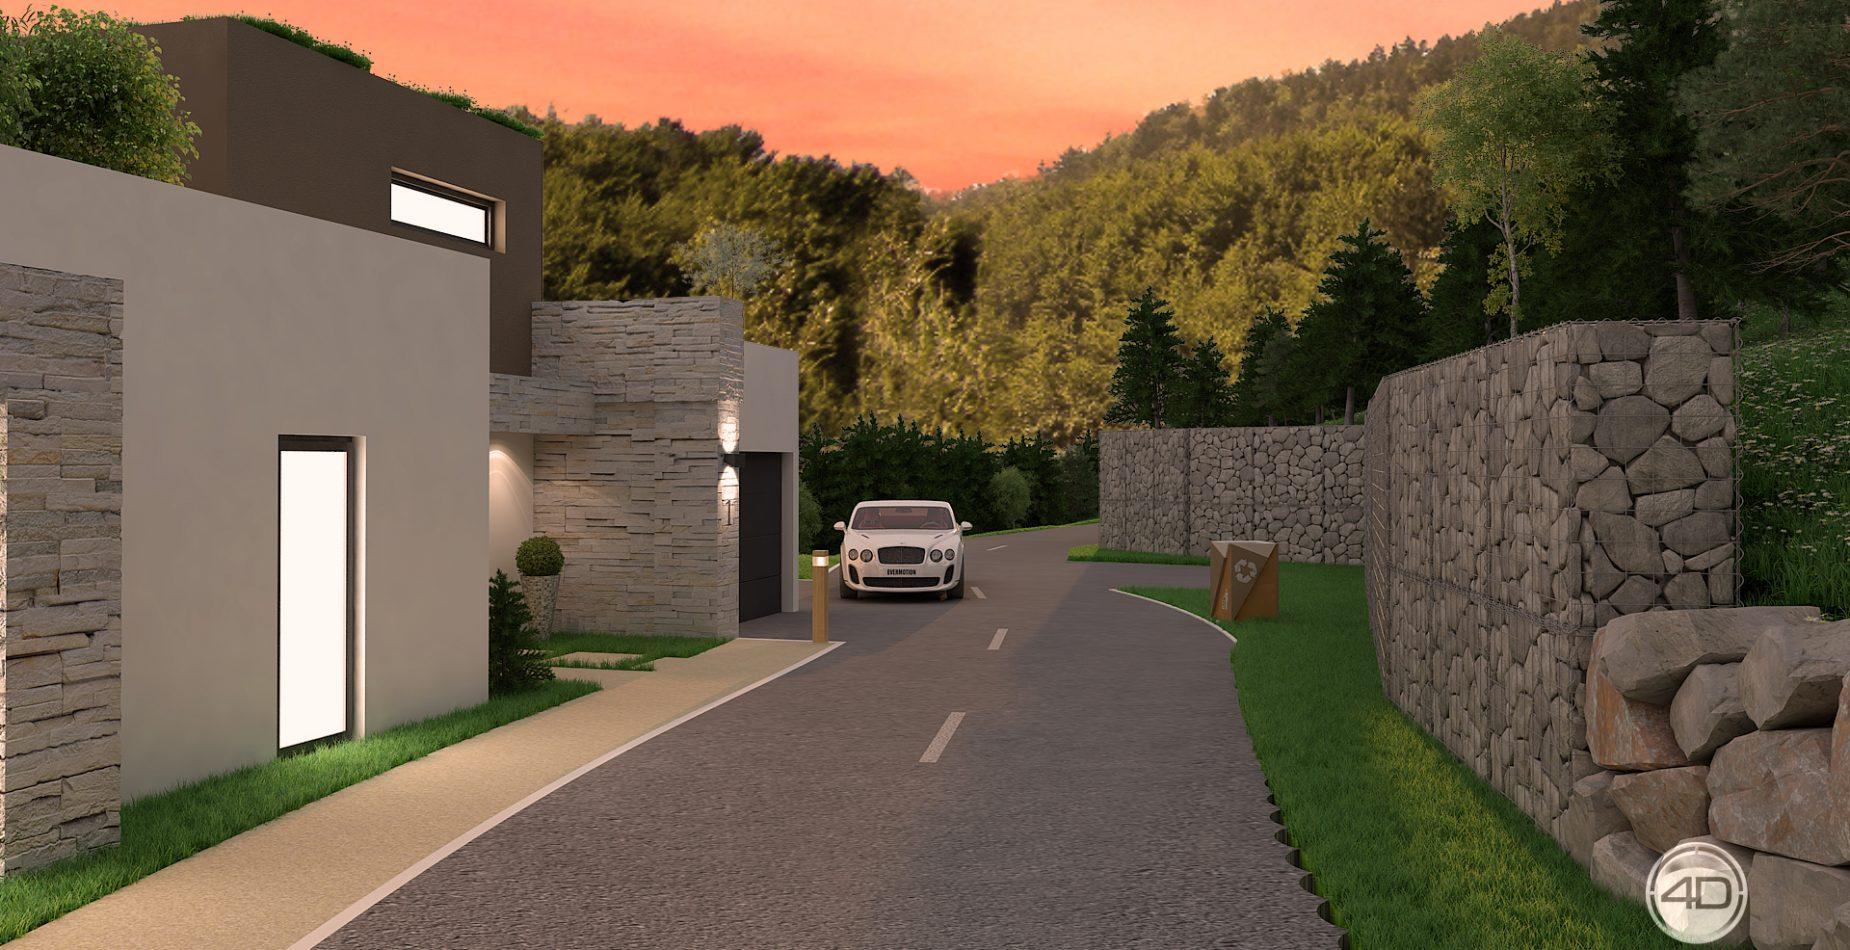 Edificio_4D-univers-townhouse_lac_annecy_3D-villa_00015